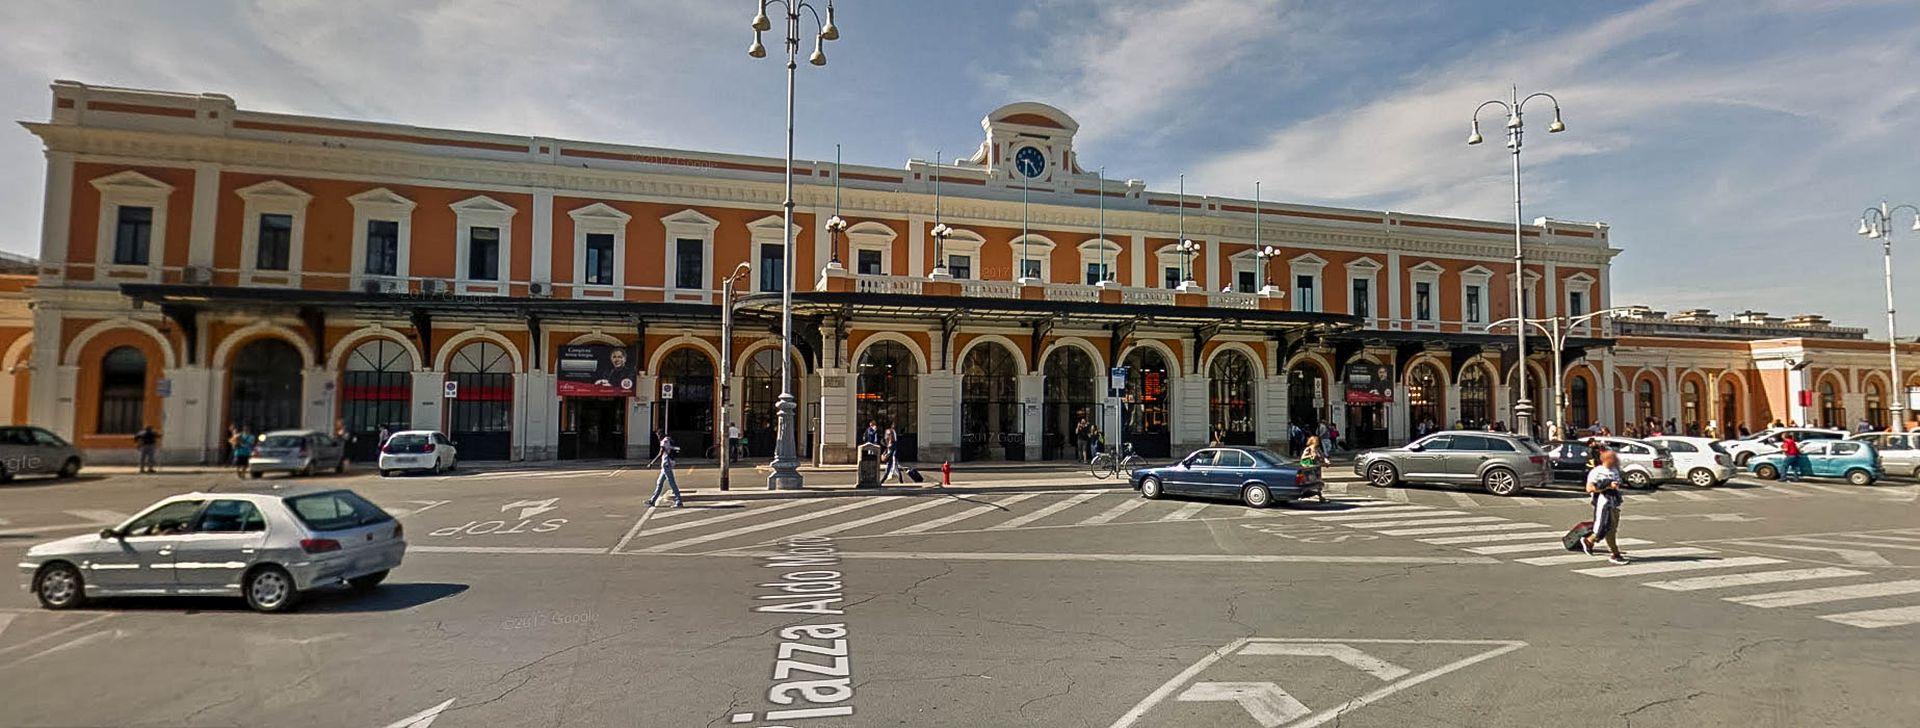 dworzec kolejowy w Bari